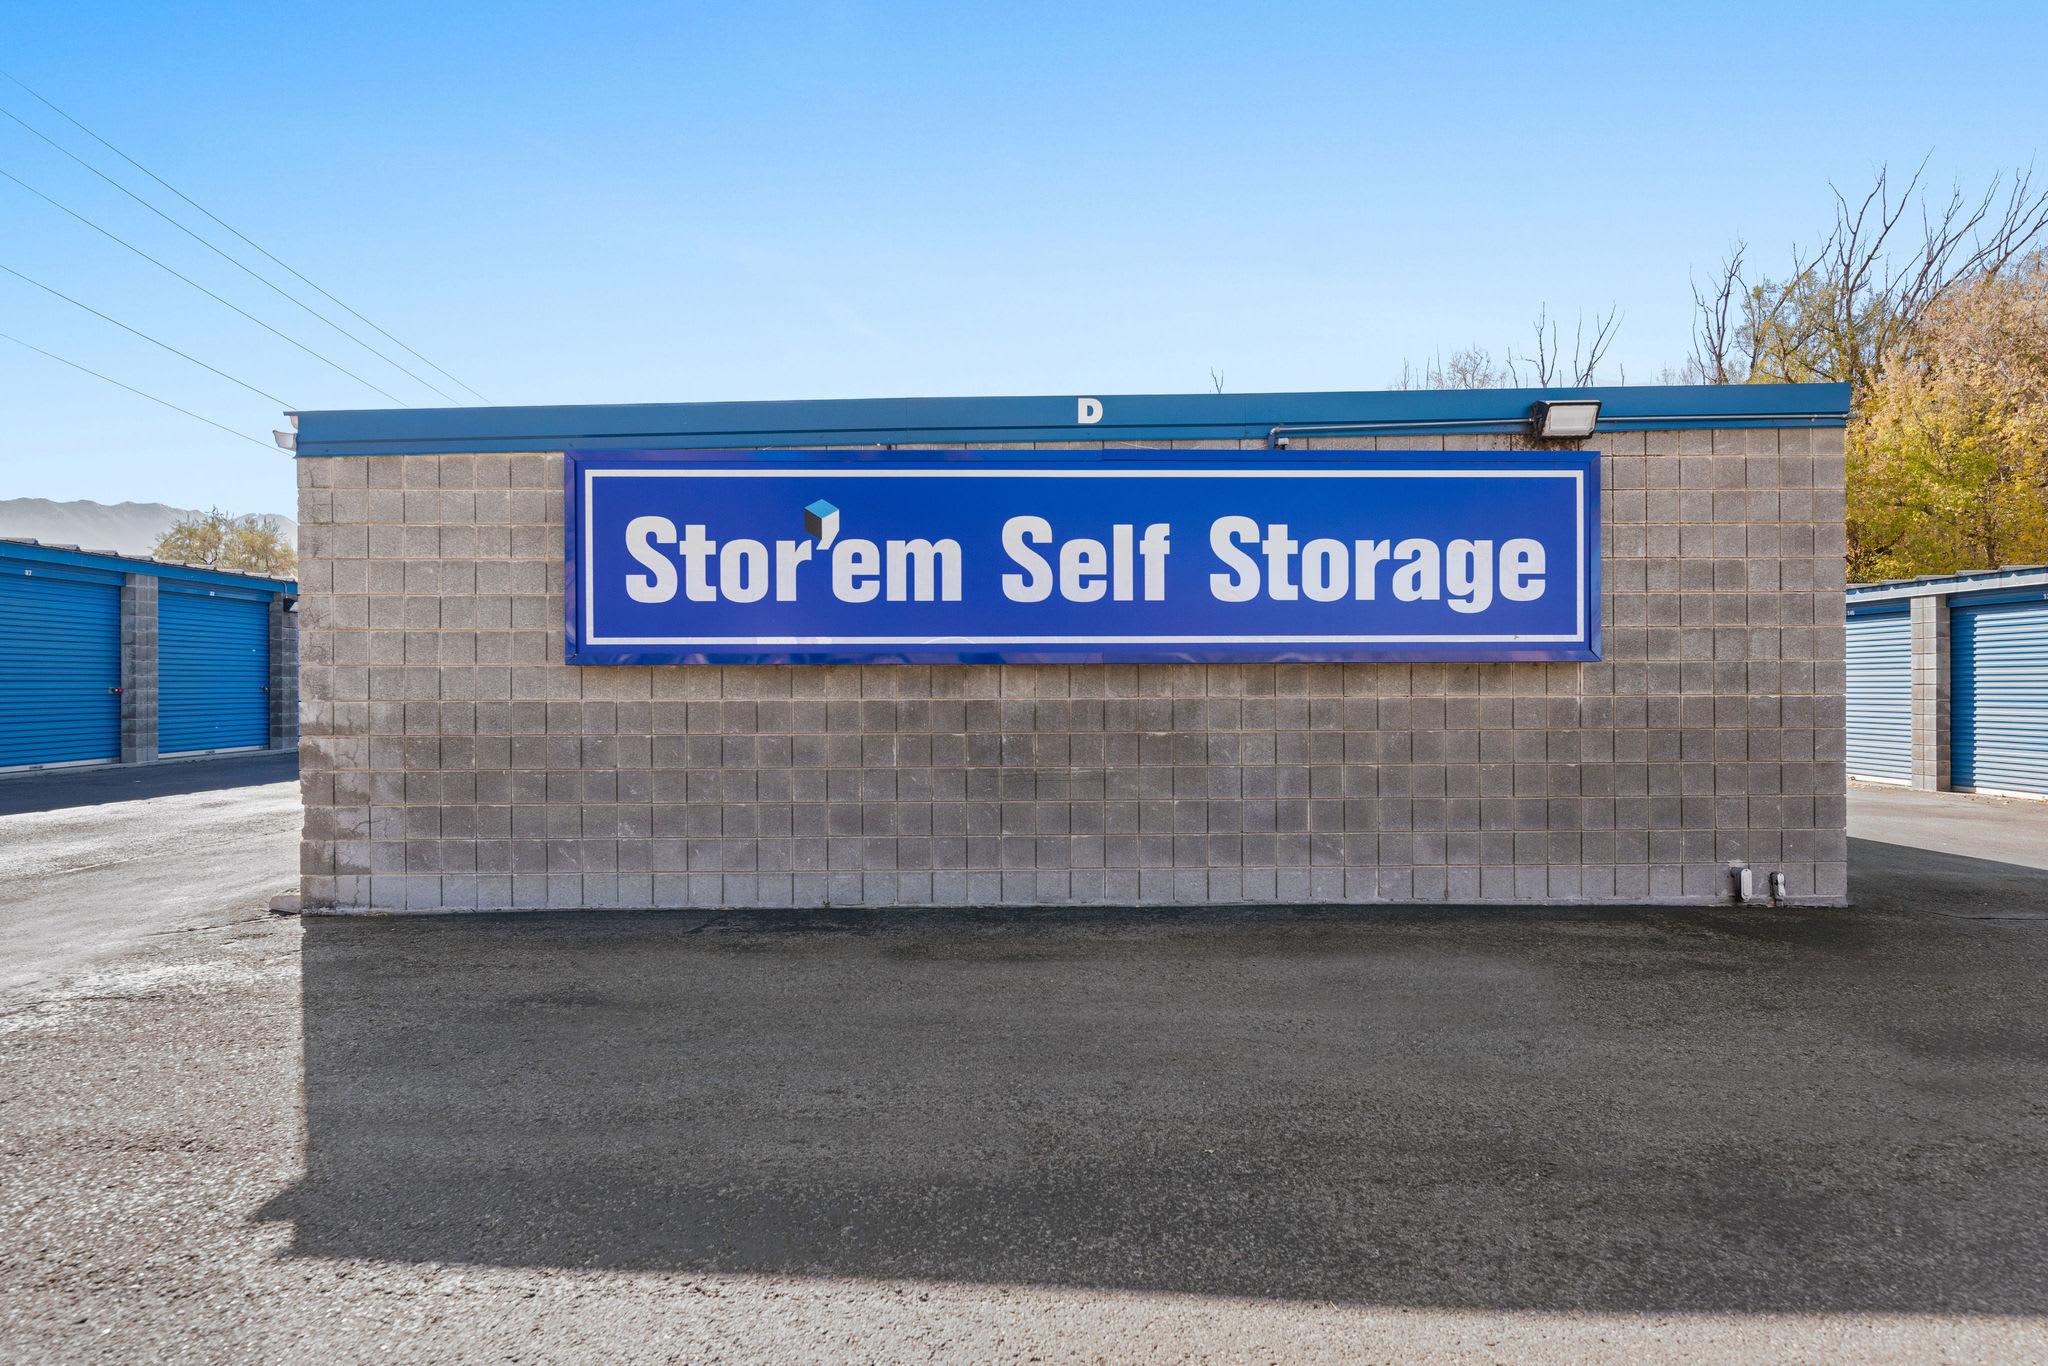 Logo on the front sign at Stor'em Self Storage in Springville, Utah